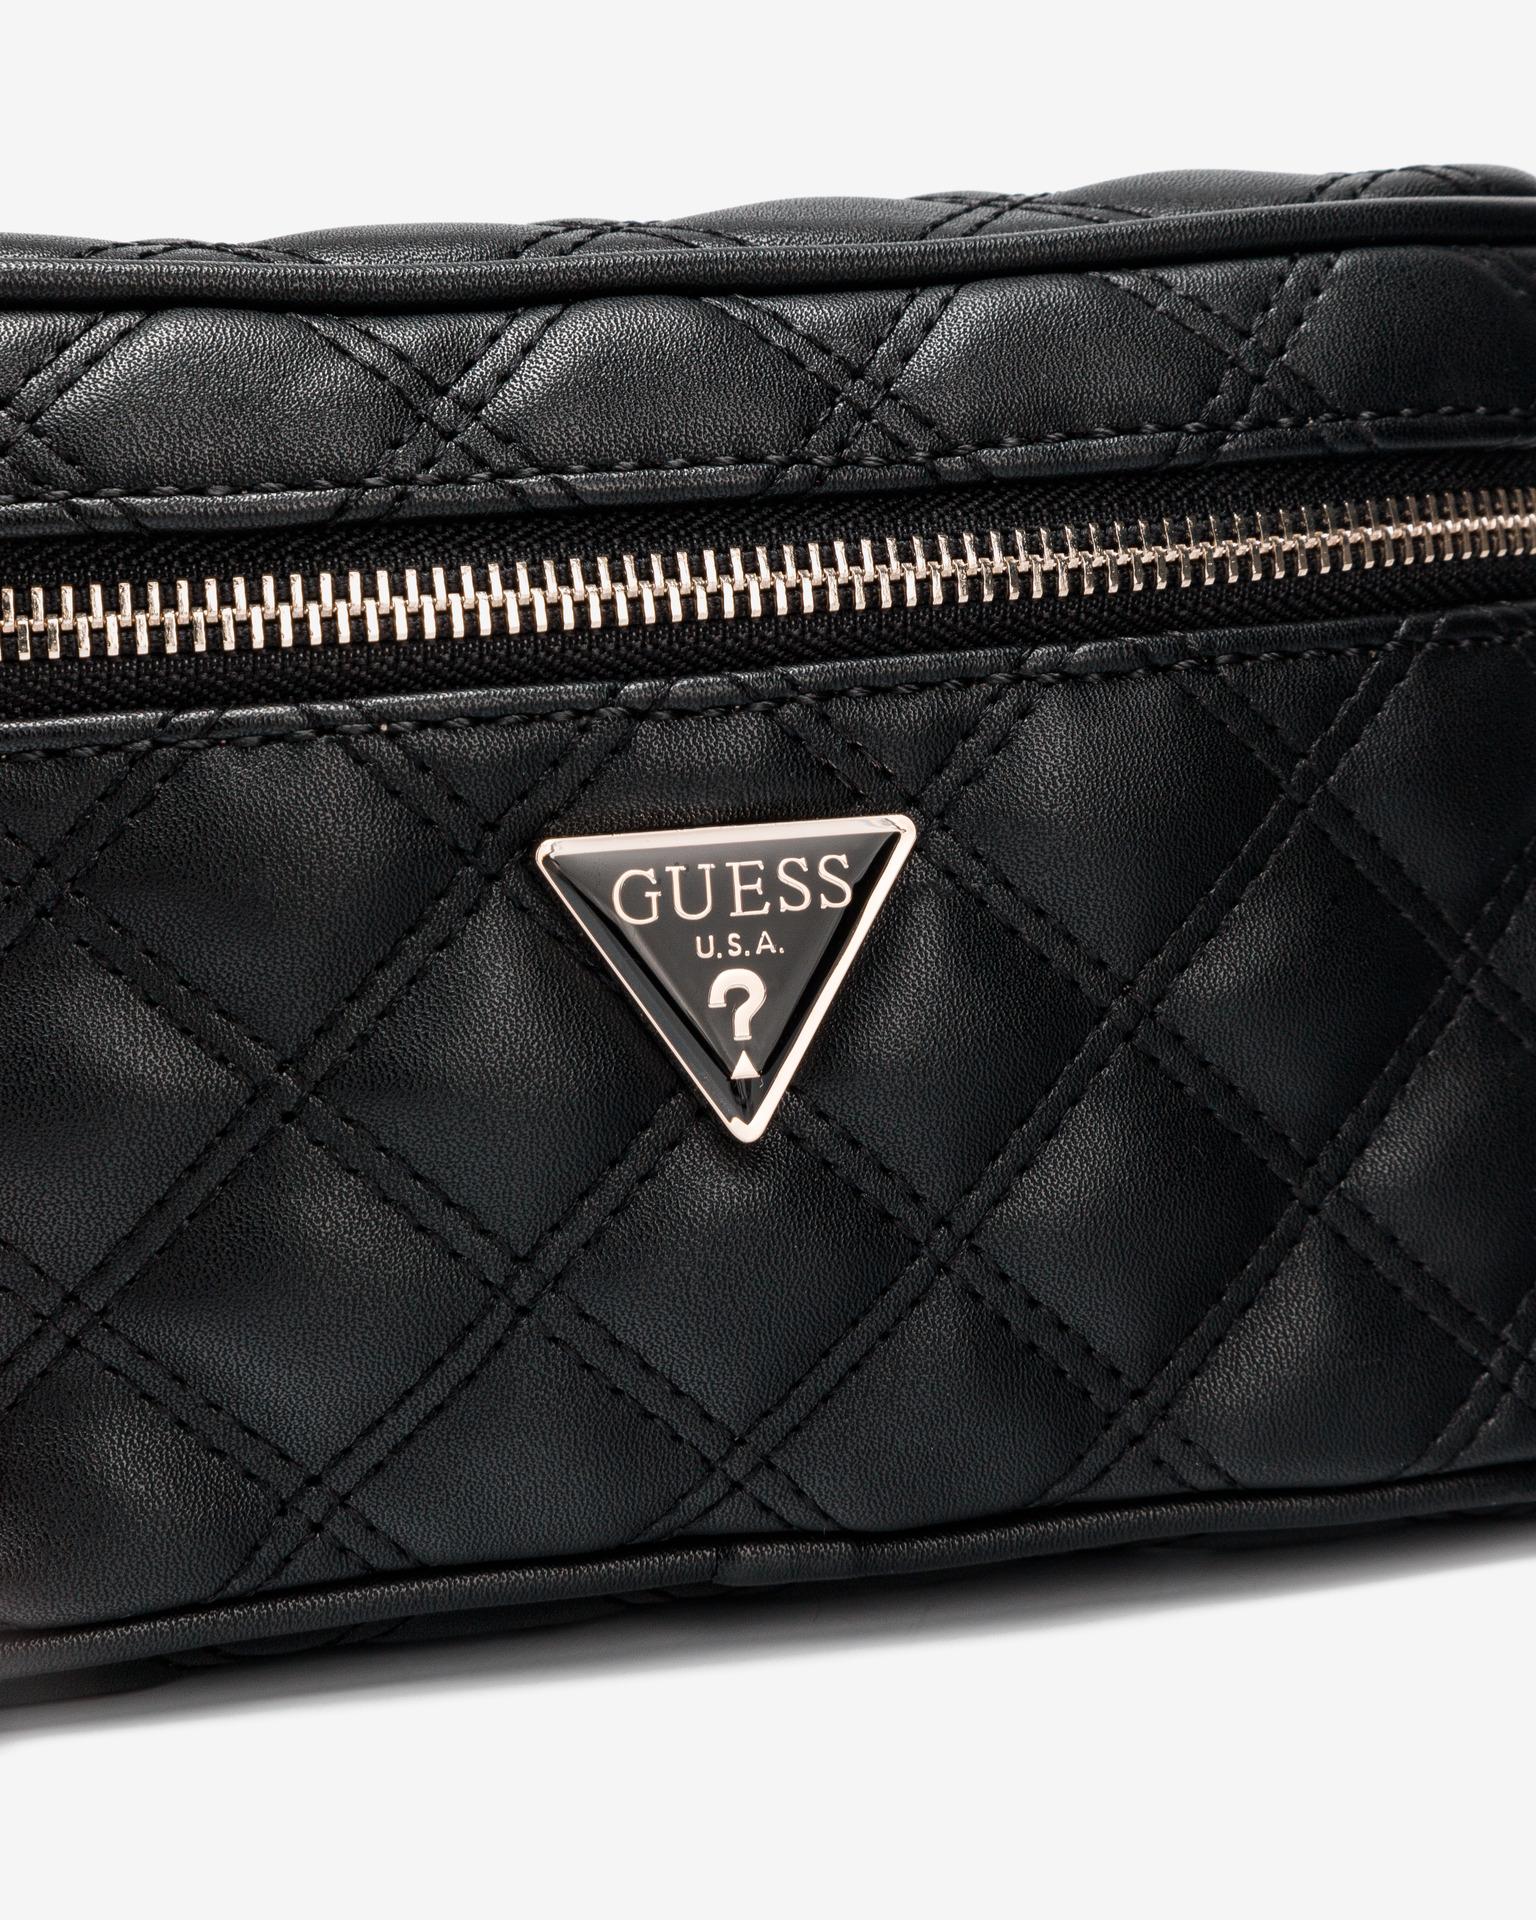 Guess black bum bag Cessily